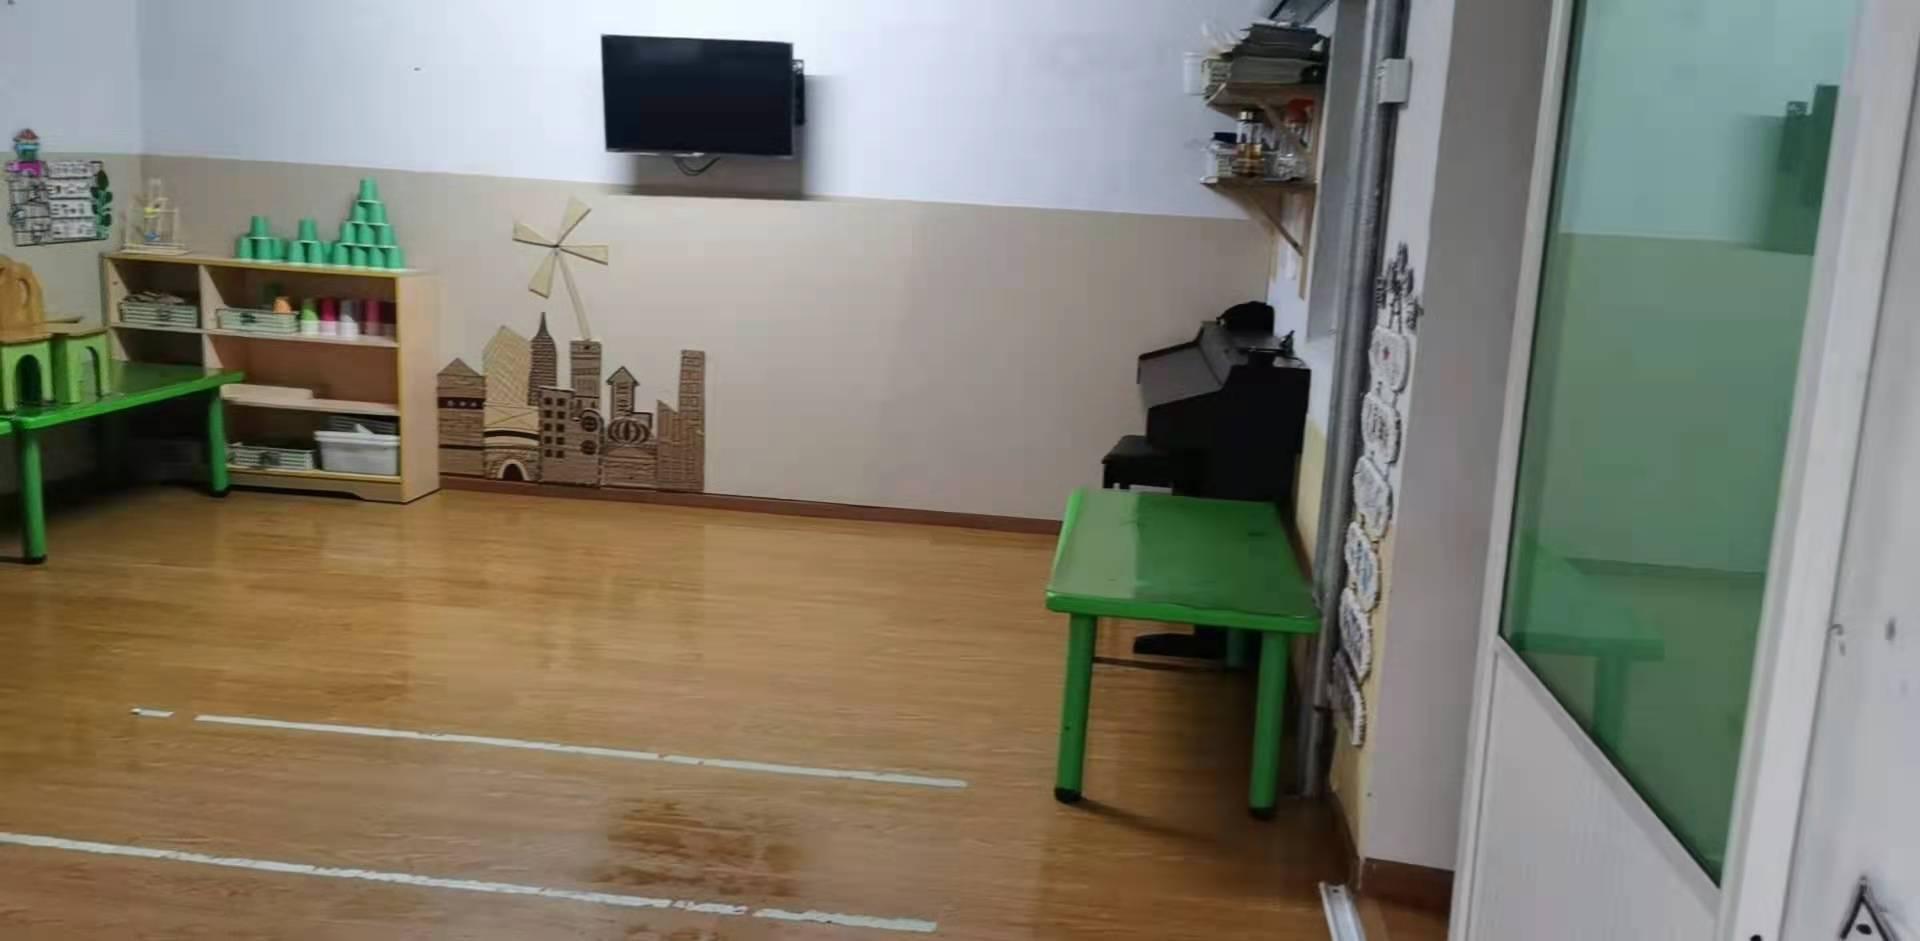 宁波市北仑区幼儿园甲醛检测验收